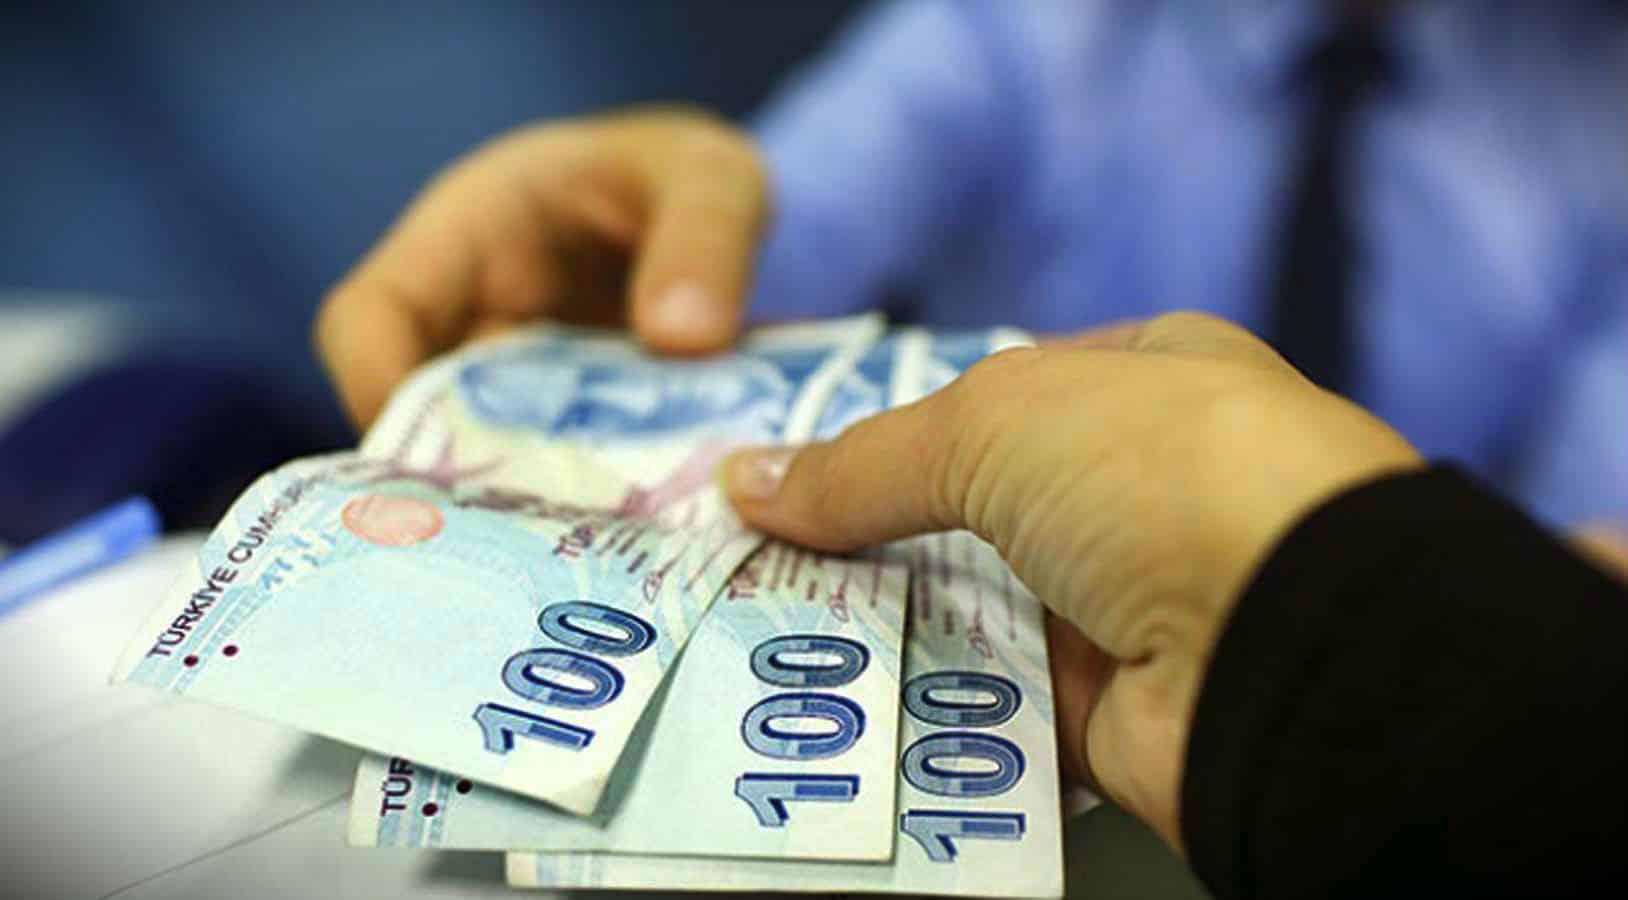 Özel sektörde 2020 yılı ücret artışı beklentisi yüzde 16